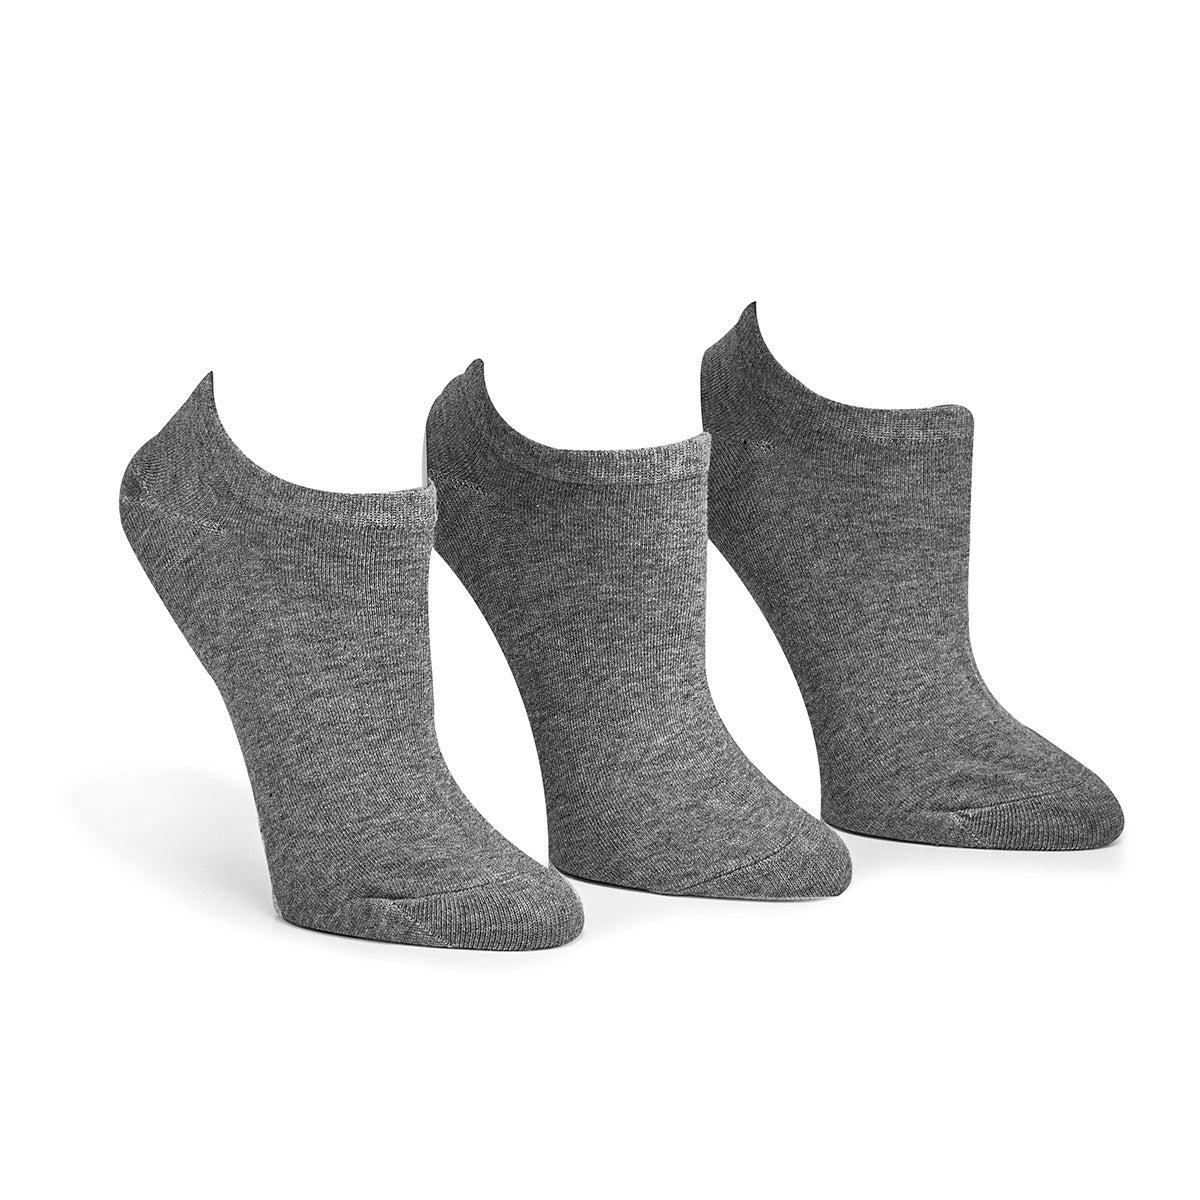 Chaussettes Converse, gris, femmes